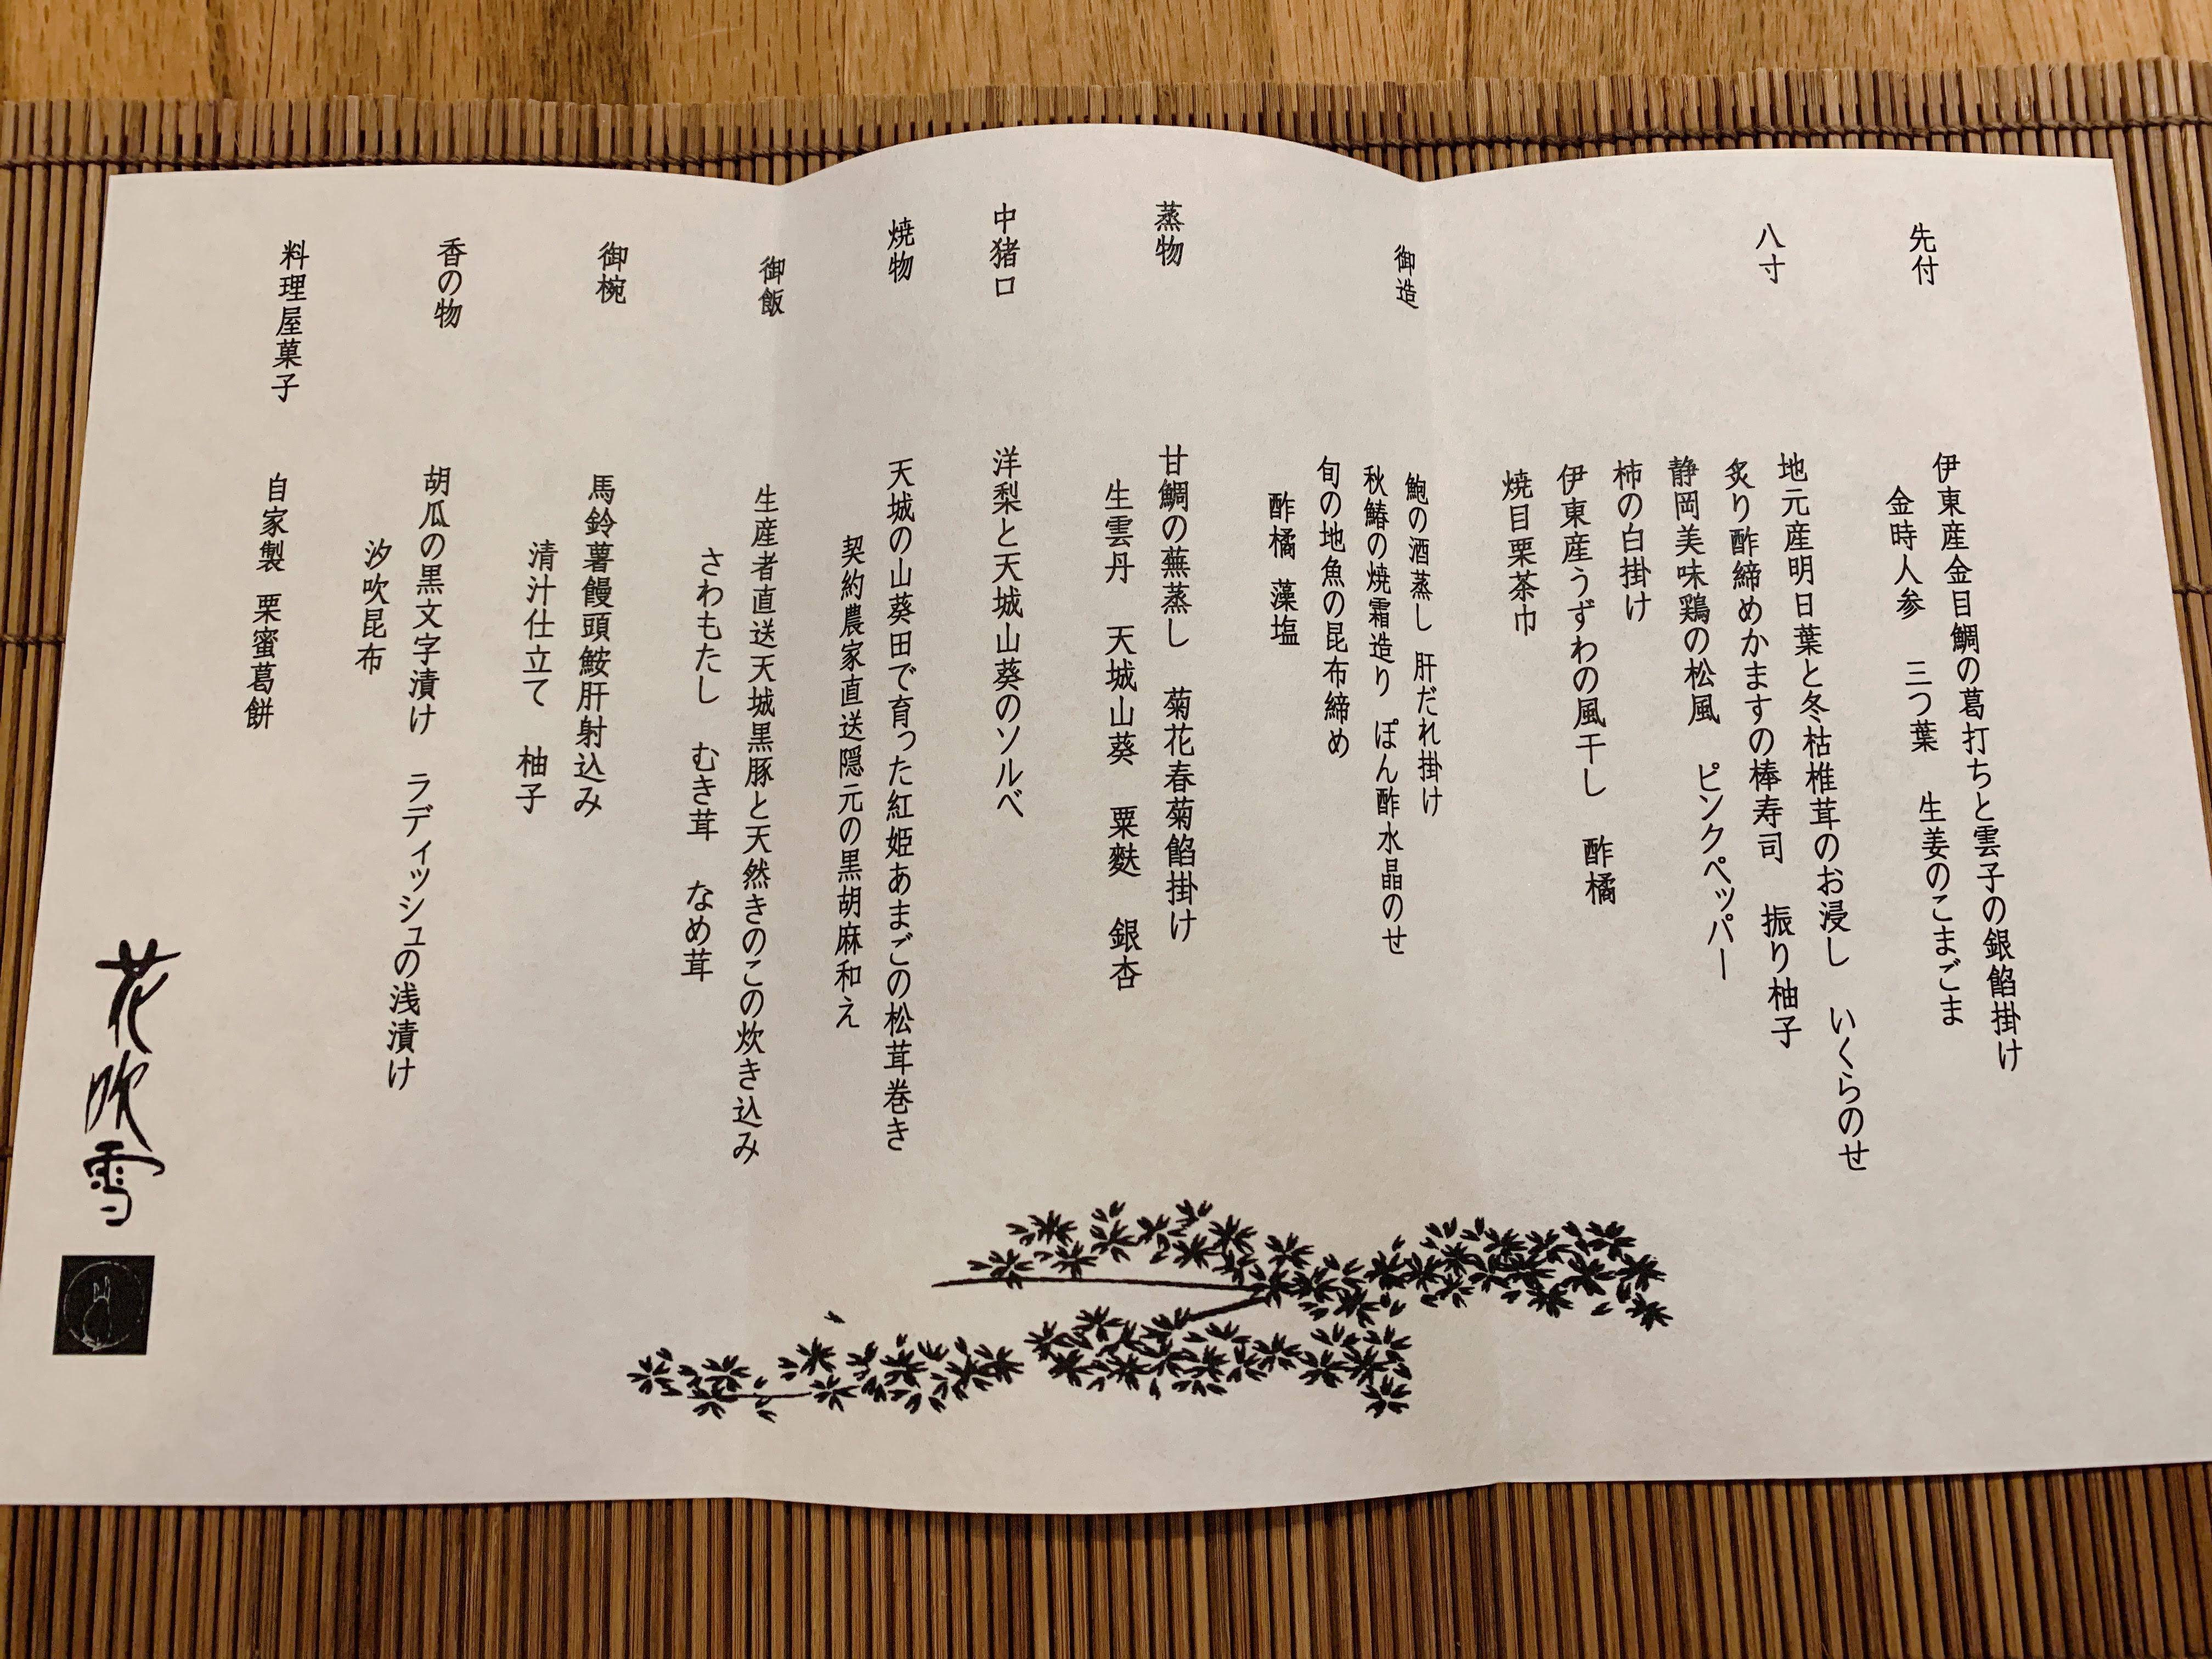 伊豆高原 城ヶ崎温泉 花吹雪